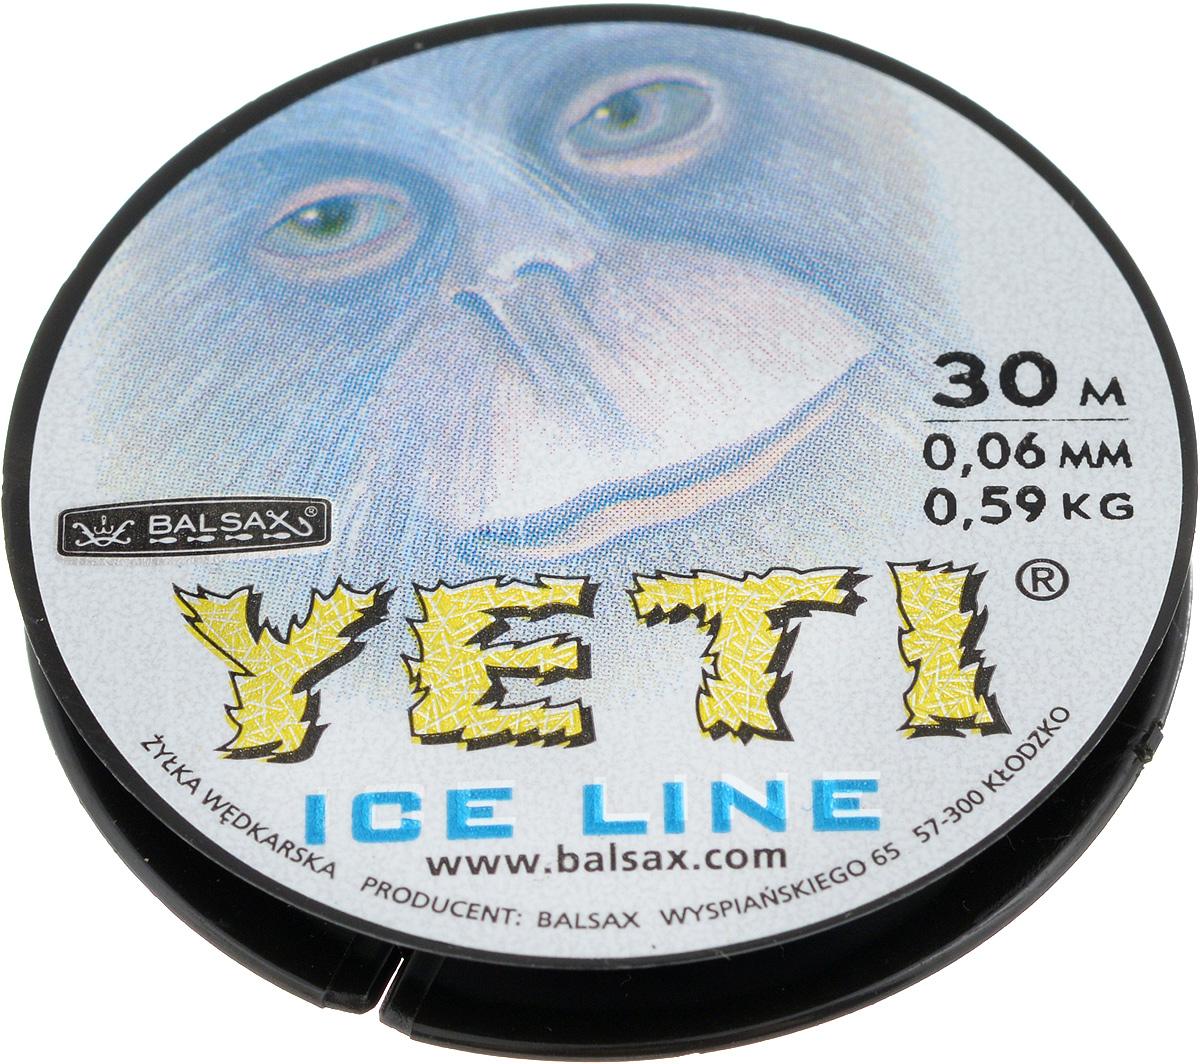 Леска зимняя Balsax Yeti, 30 м, 0,06 мм, 0,59 кг310-14006Леска Balsax Yeti изготовлена из 100% нейлона и очень хорошо выдерживает низкие температуры. Даже в самом холодном климате, при температуре вплоть до -40°C, она сохраняет свои свойства практически без изменений, в то время как традиционные лески становятся менее эластичными и теряют прочность. Поверхность лески обработана таким образом, что она не обмерзает и отлично подходит для подледного лова. Прочна в местах вязки узлов даже при минимальном диаметре.